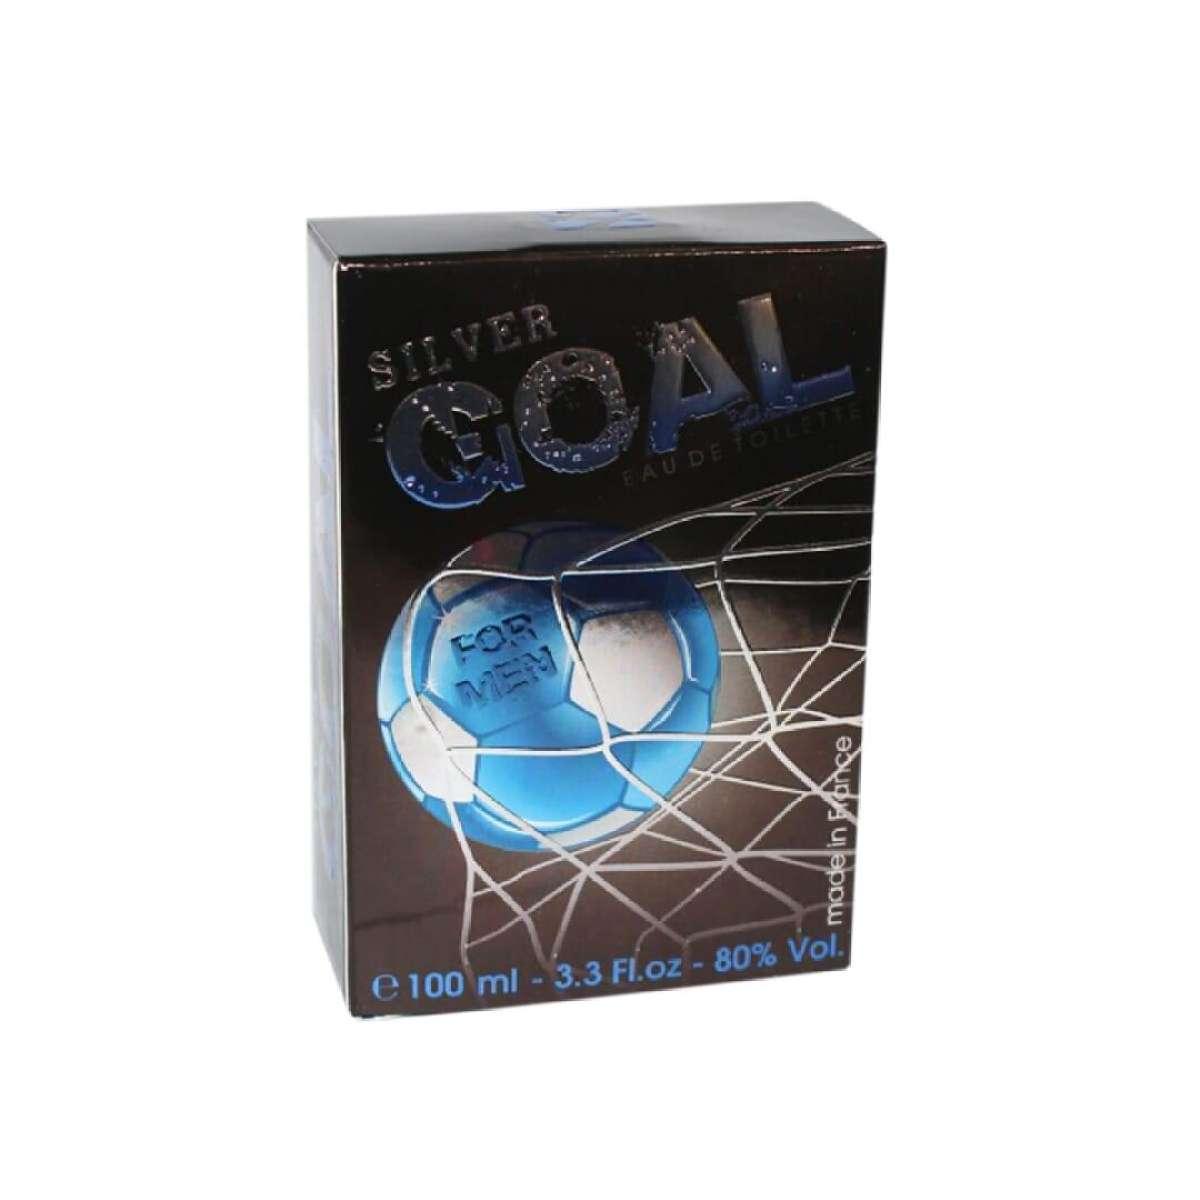 Silver Goal Perfume For Men -100 Ml